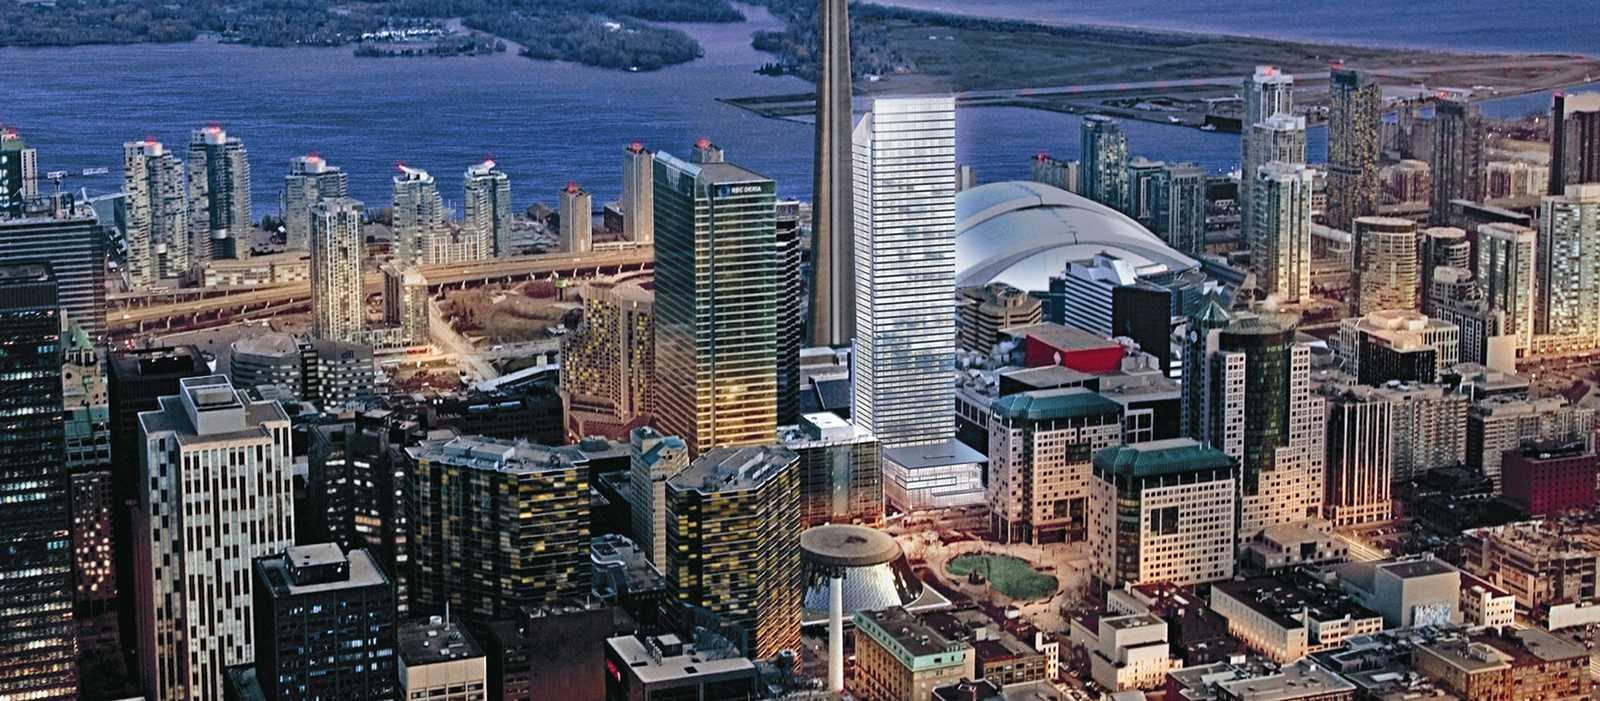 Impression Ritz Carlton Toronto